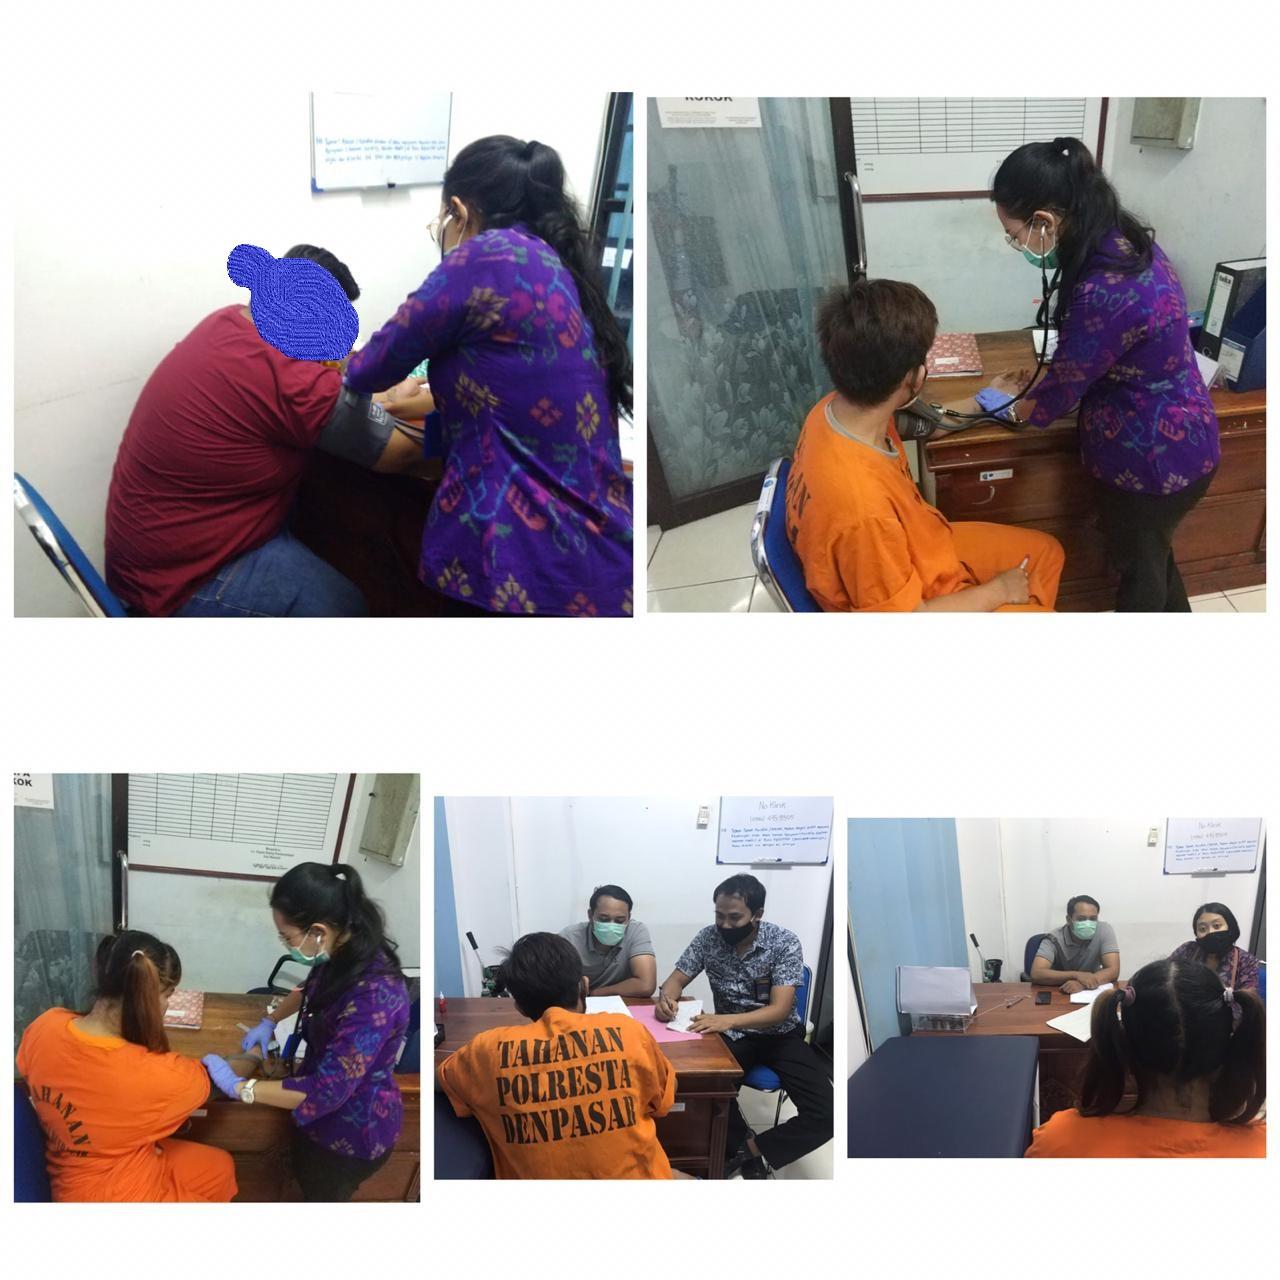 Permohonan Asesmen Medis dari Polresta Denpasar